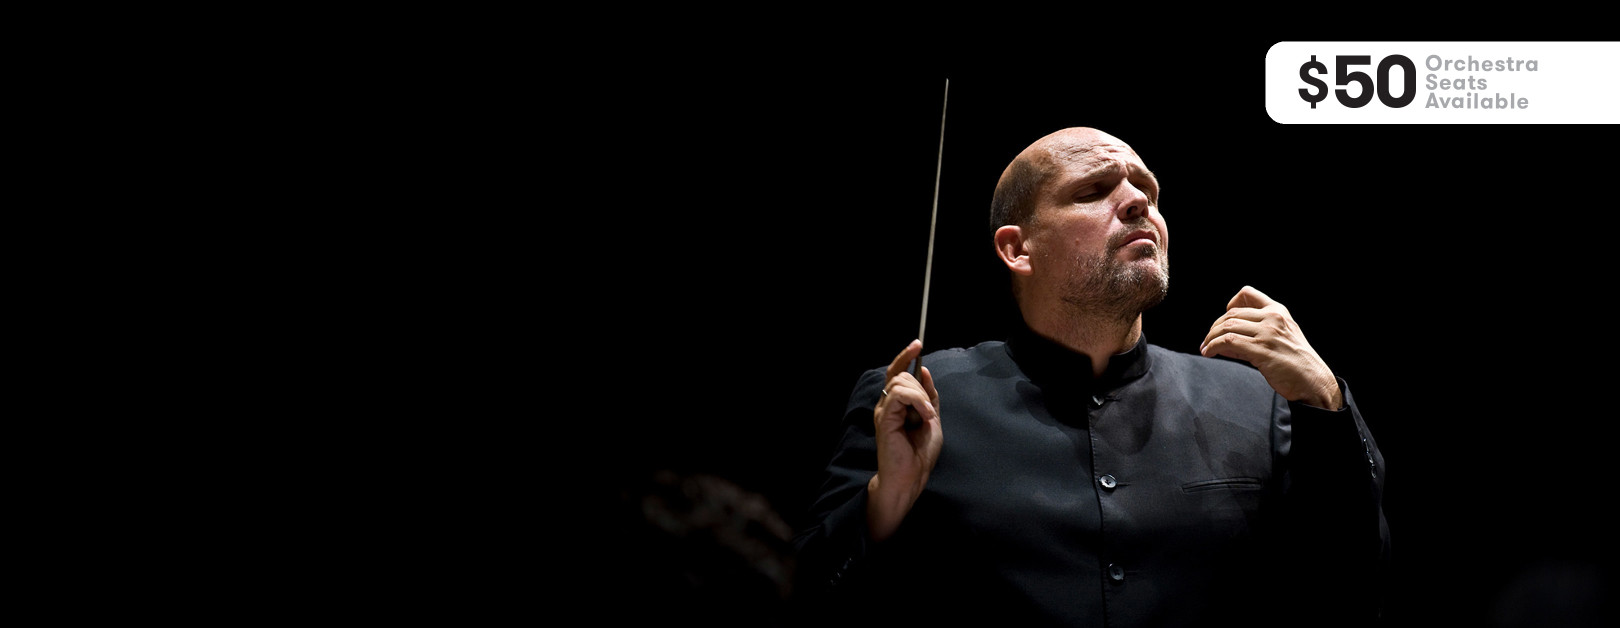 Van Zweden Conducts Wagner's Die Walküre (Act I)